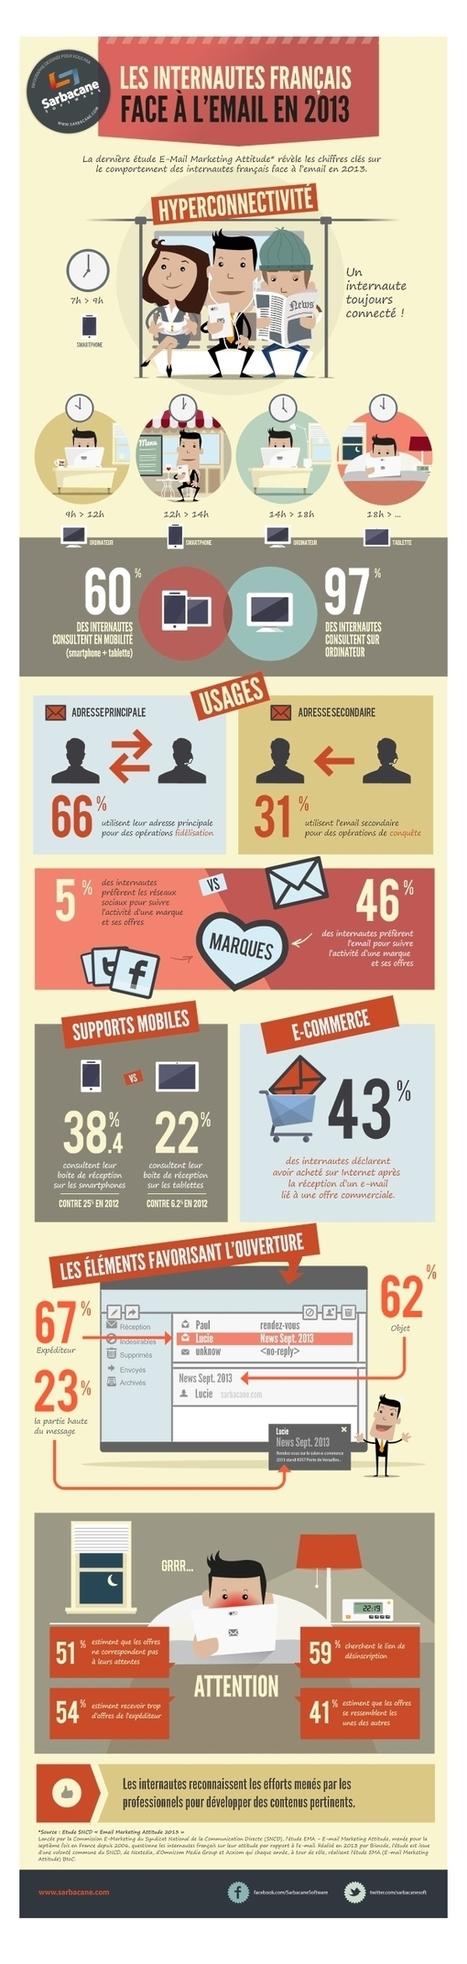 Une étude sur les usages et les tendances de l'emailing en 2013 (avec infographie) | Online Marketing | Scoop.it